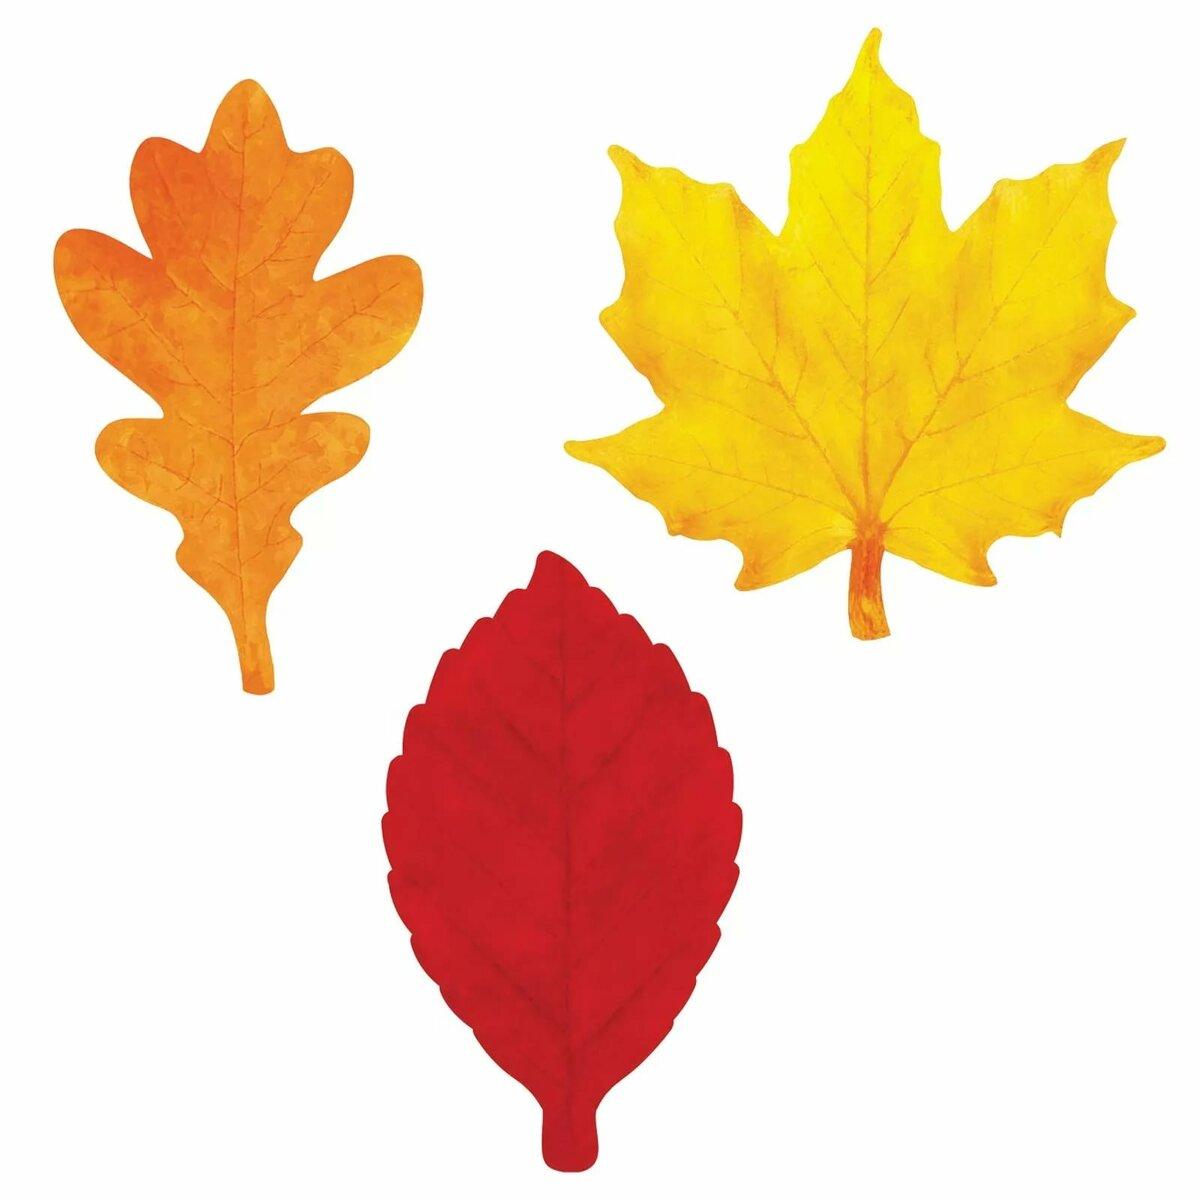 Картинки листья деревьев разного цвета